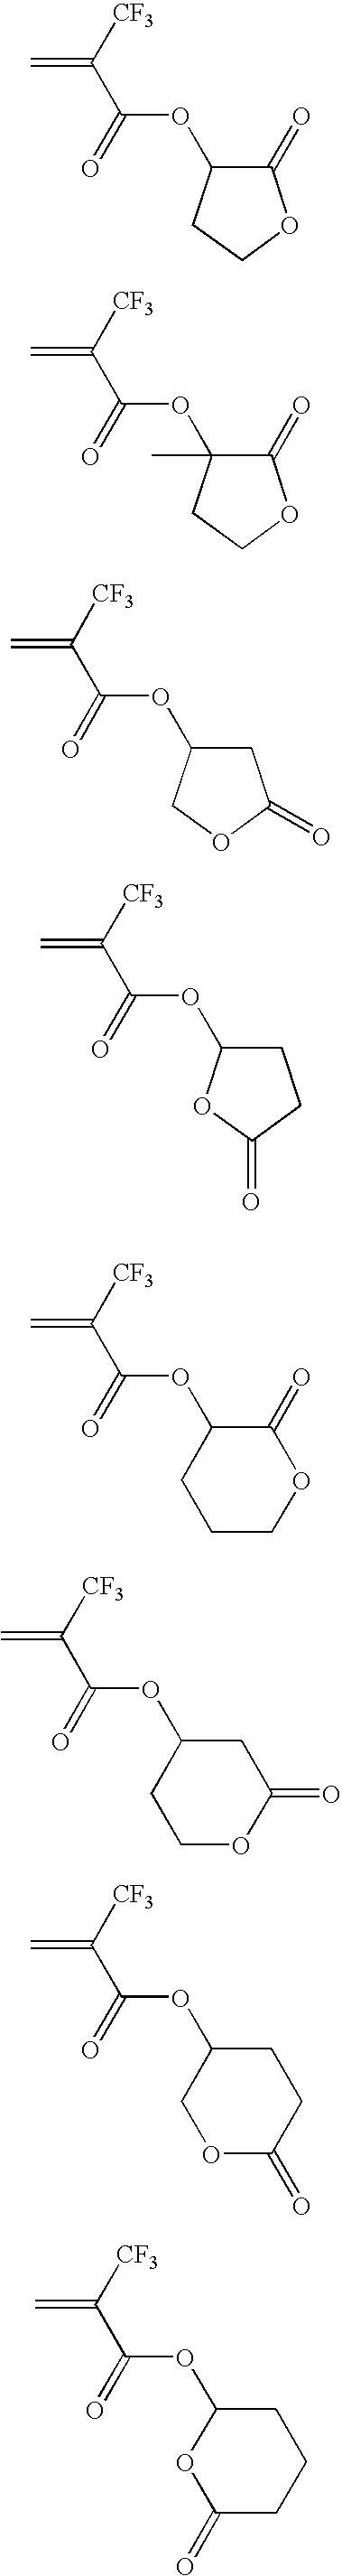 Figure US06680389-20040120-C00004